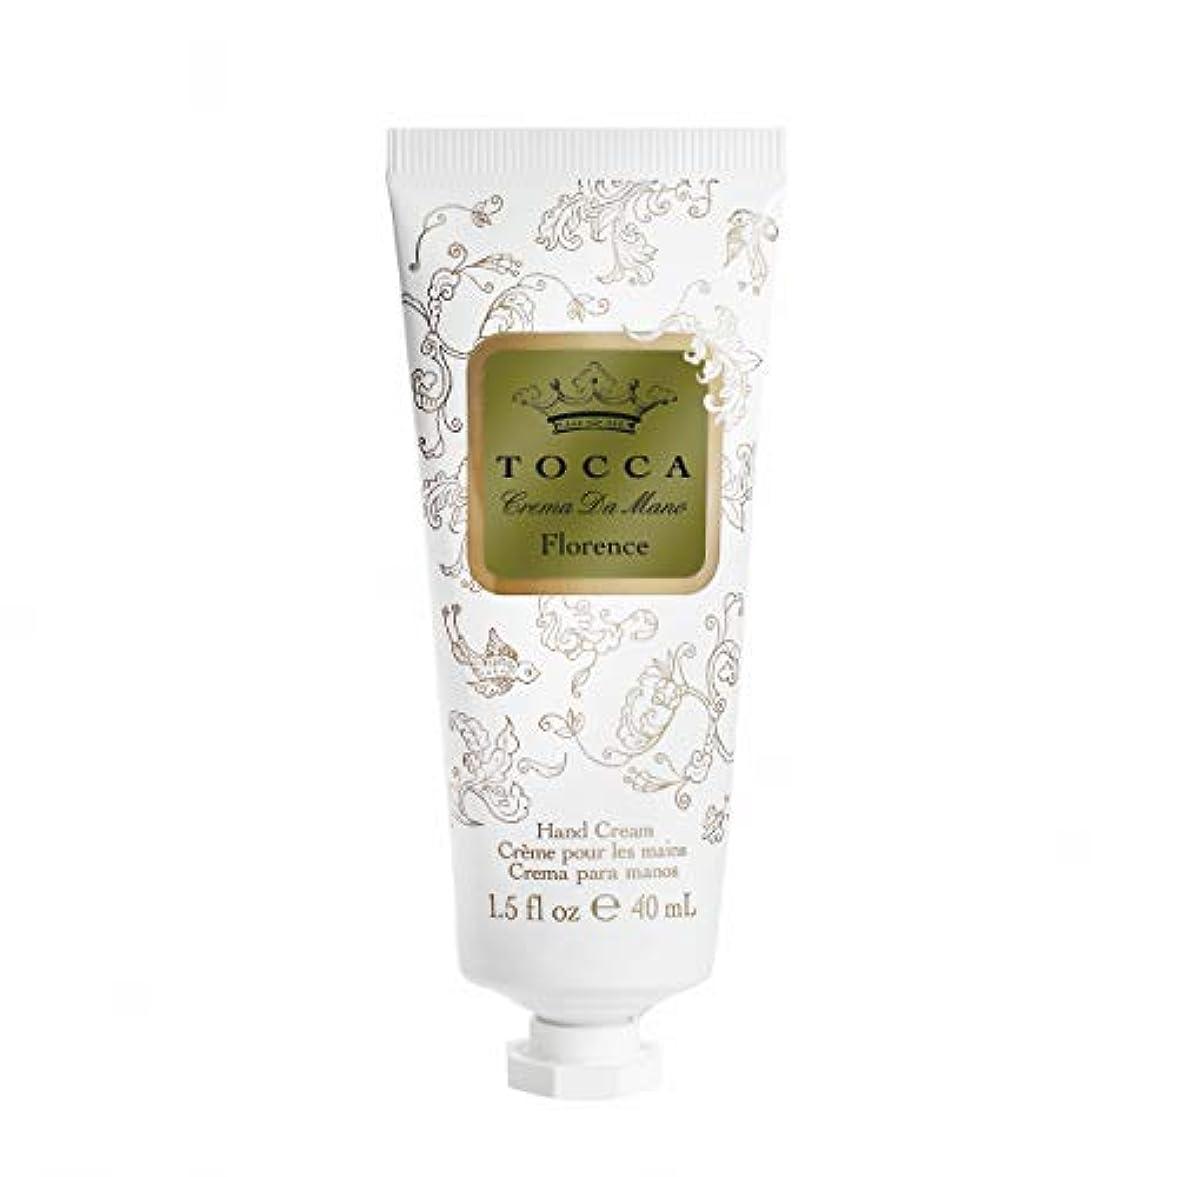 パール観点手段トッカ(TOCCA) ハンドクリーム フローレンスの香り 40mL (ガーデニアとベルガモットが誘うように溶け合うどこまでも上品なフローラルの香り)